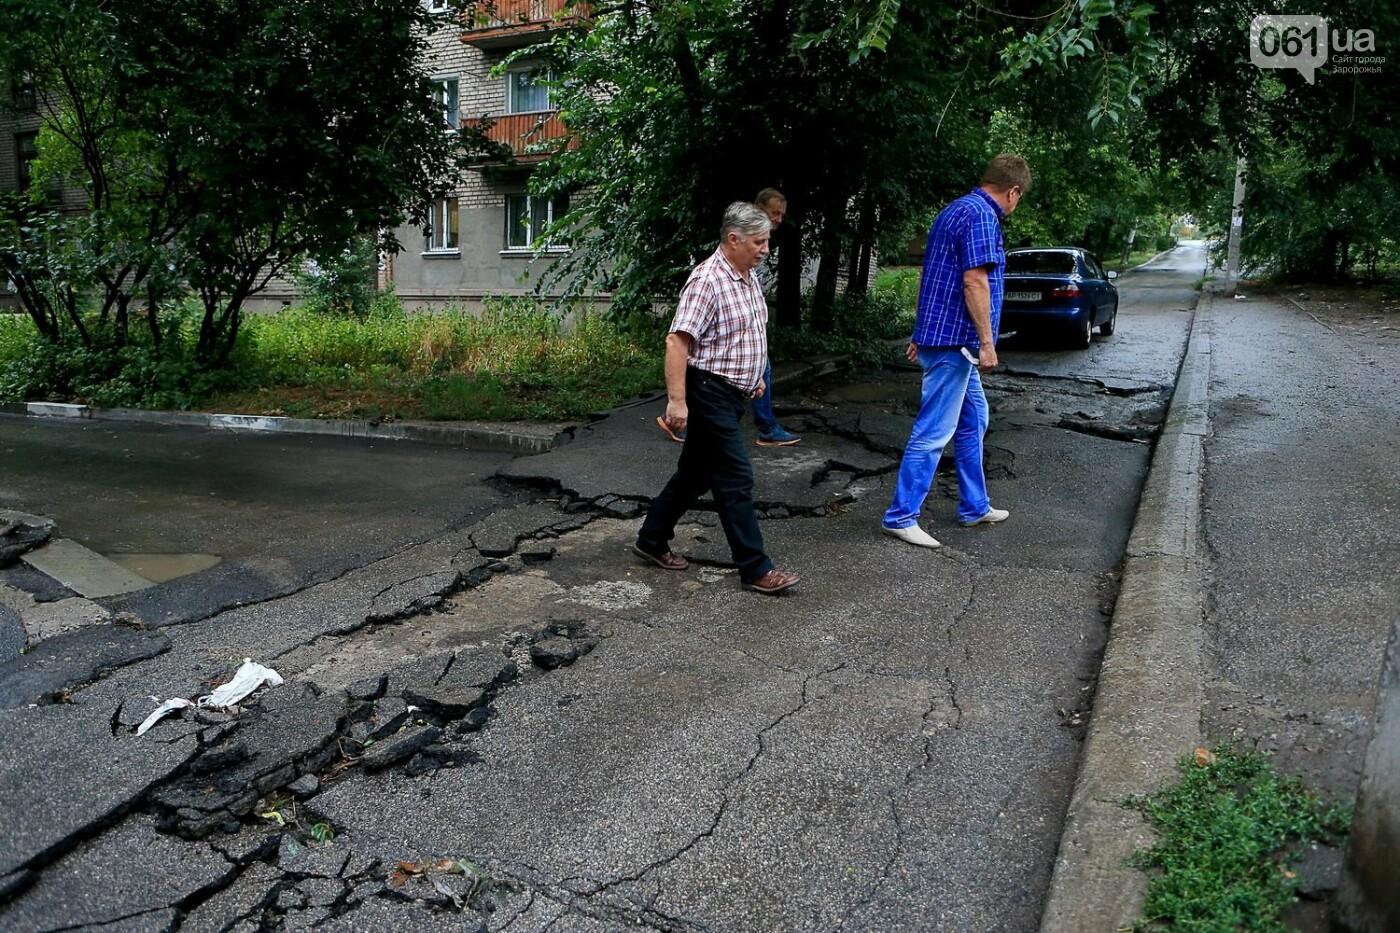 В Запорожье после ливней разрушены дороги: почему это произошло и за чей счет отремонтируют, - ФОТОРЕПОРТАЖ, фото-13